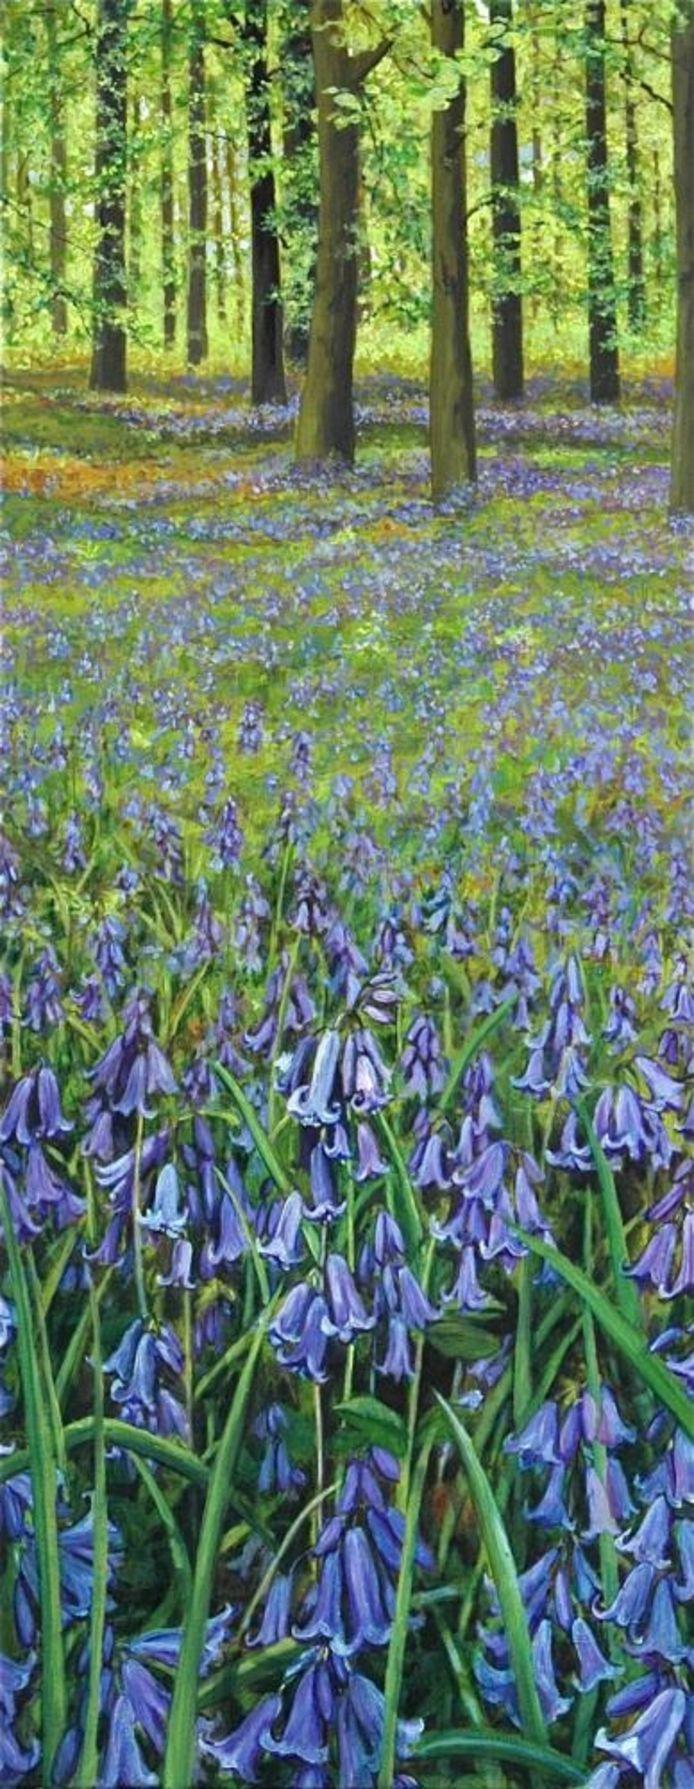 Engels bos met 'blue bells'. Vormt tevens de coverafbeelding op de uitnodiging voor de expositie.